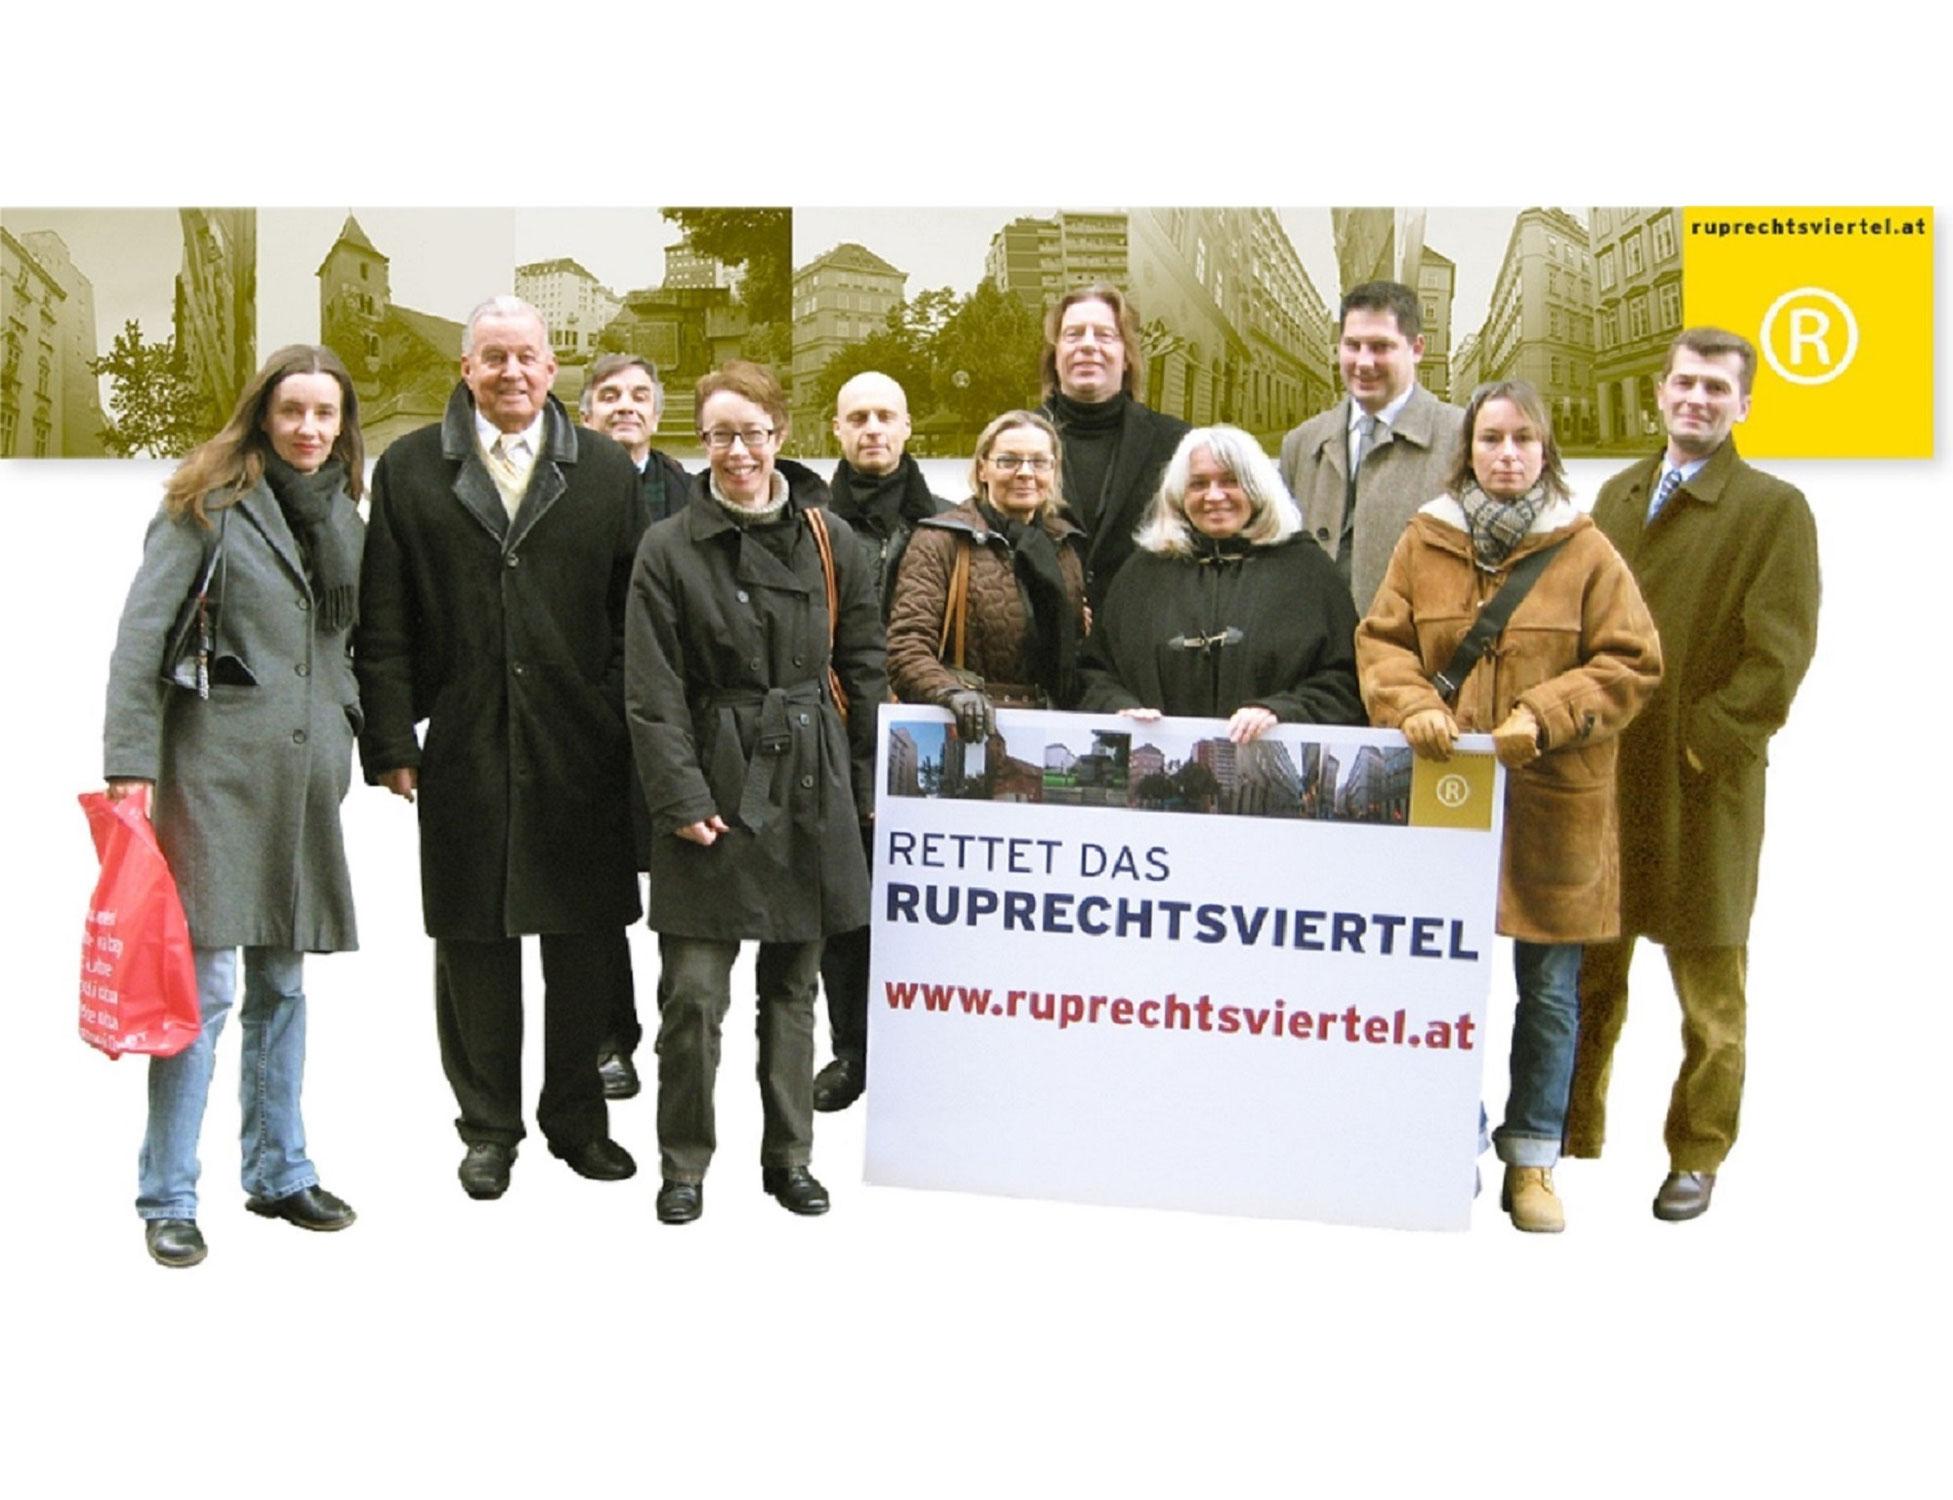 (c) Ruprechtsviertel.at